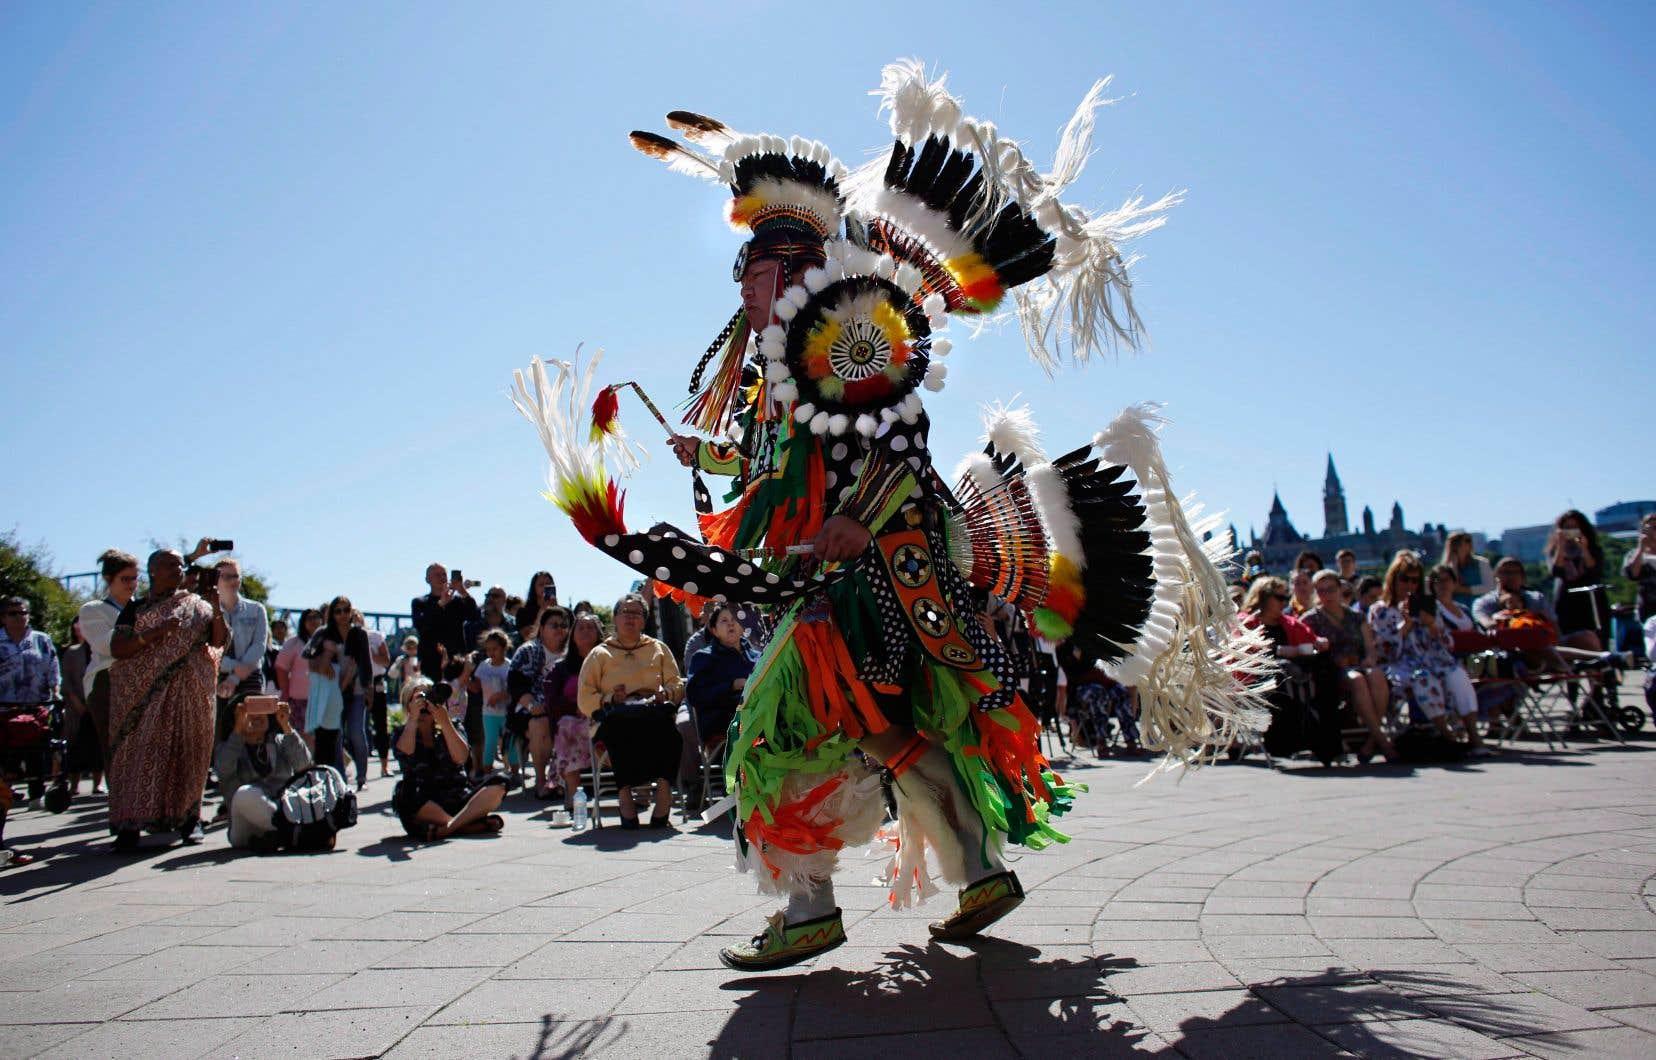 Ces pratiques liées aux langues autochtones peuvent relever de la danse, du conte, du chant, ou même des façons de traiter le territoire. Sur cette photo, un homme présente une danse traditionnelle à l'occasion de la Journée nationale des peuples autochones du Canada.